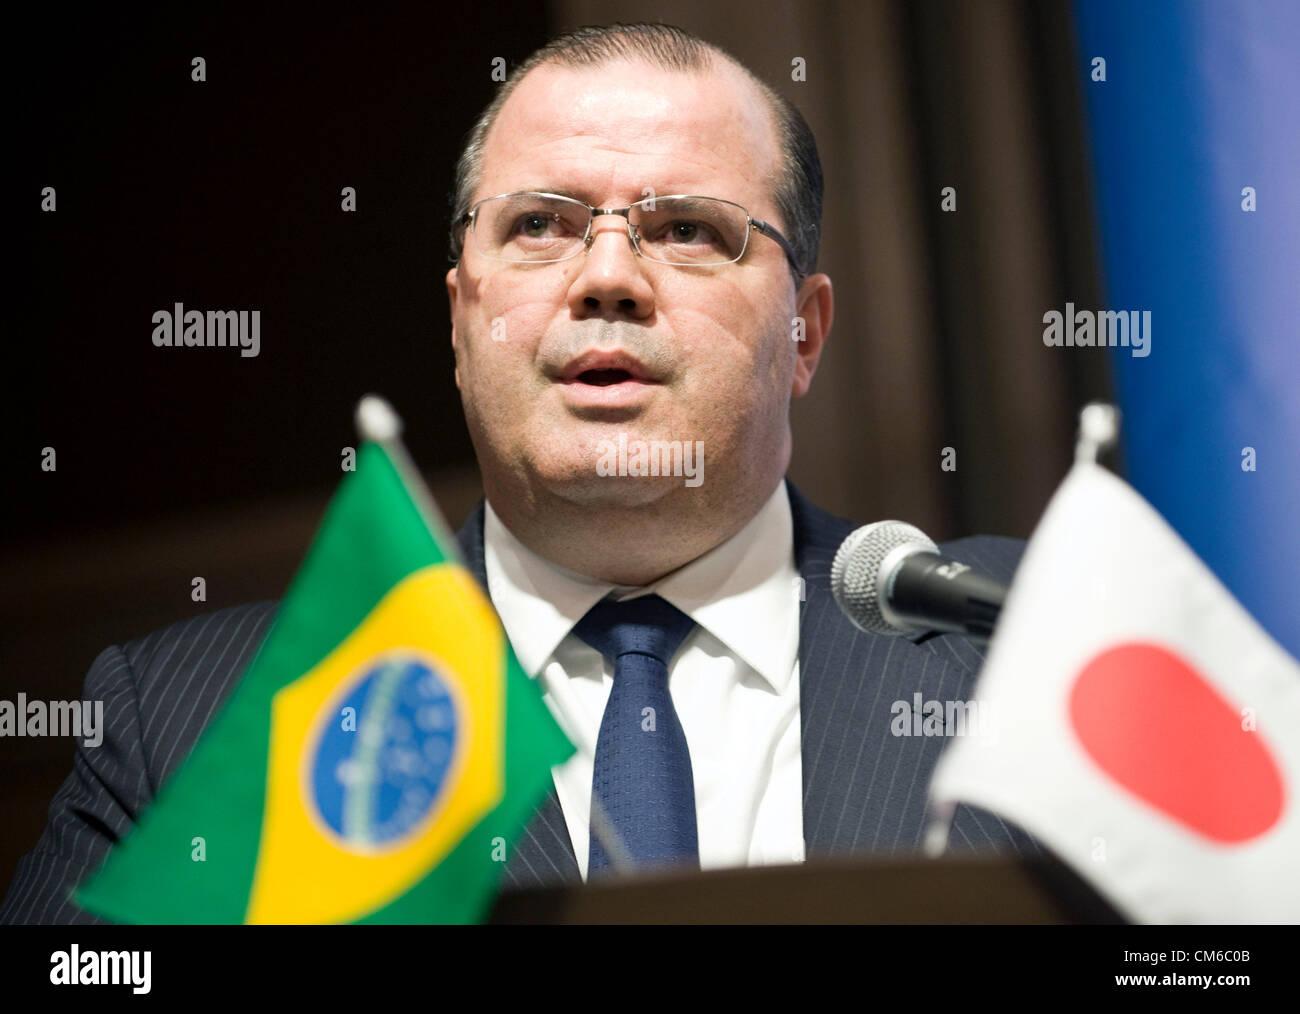 Alexandre Tombini, président de la Banque centrale du Brésil, parle à la Conférence économique Photo Stock